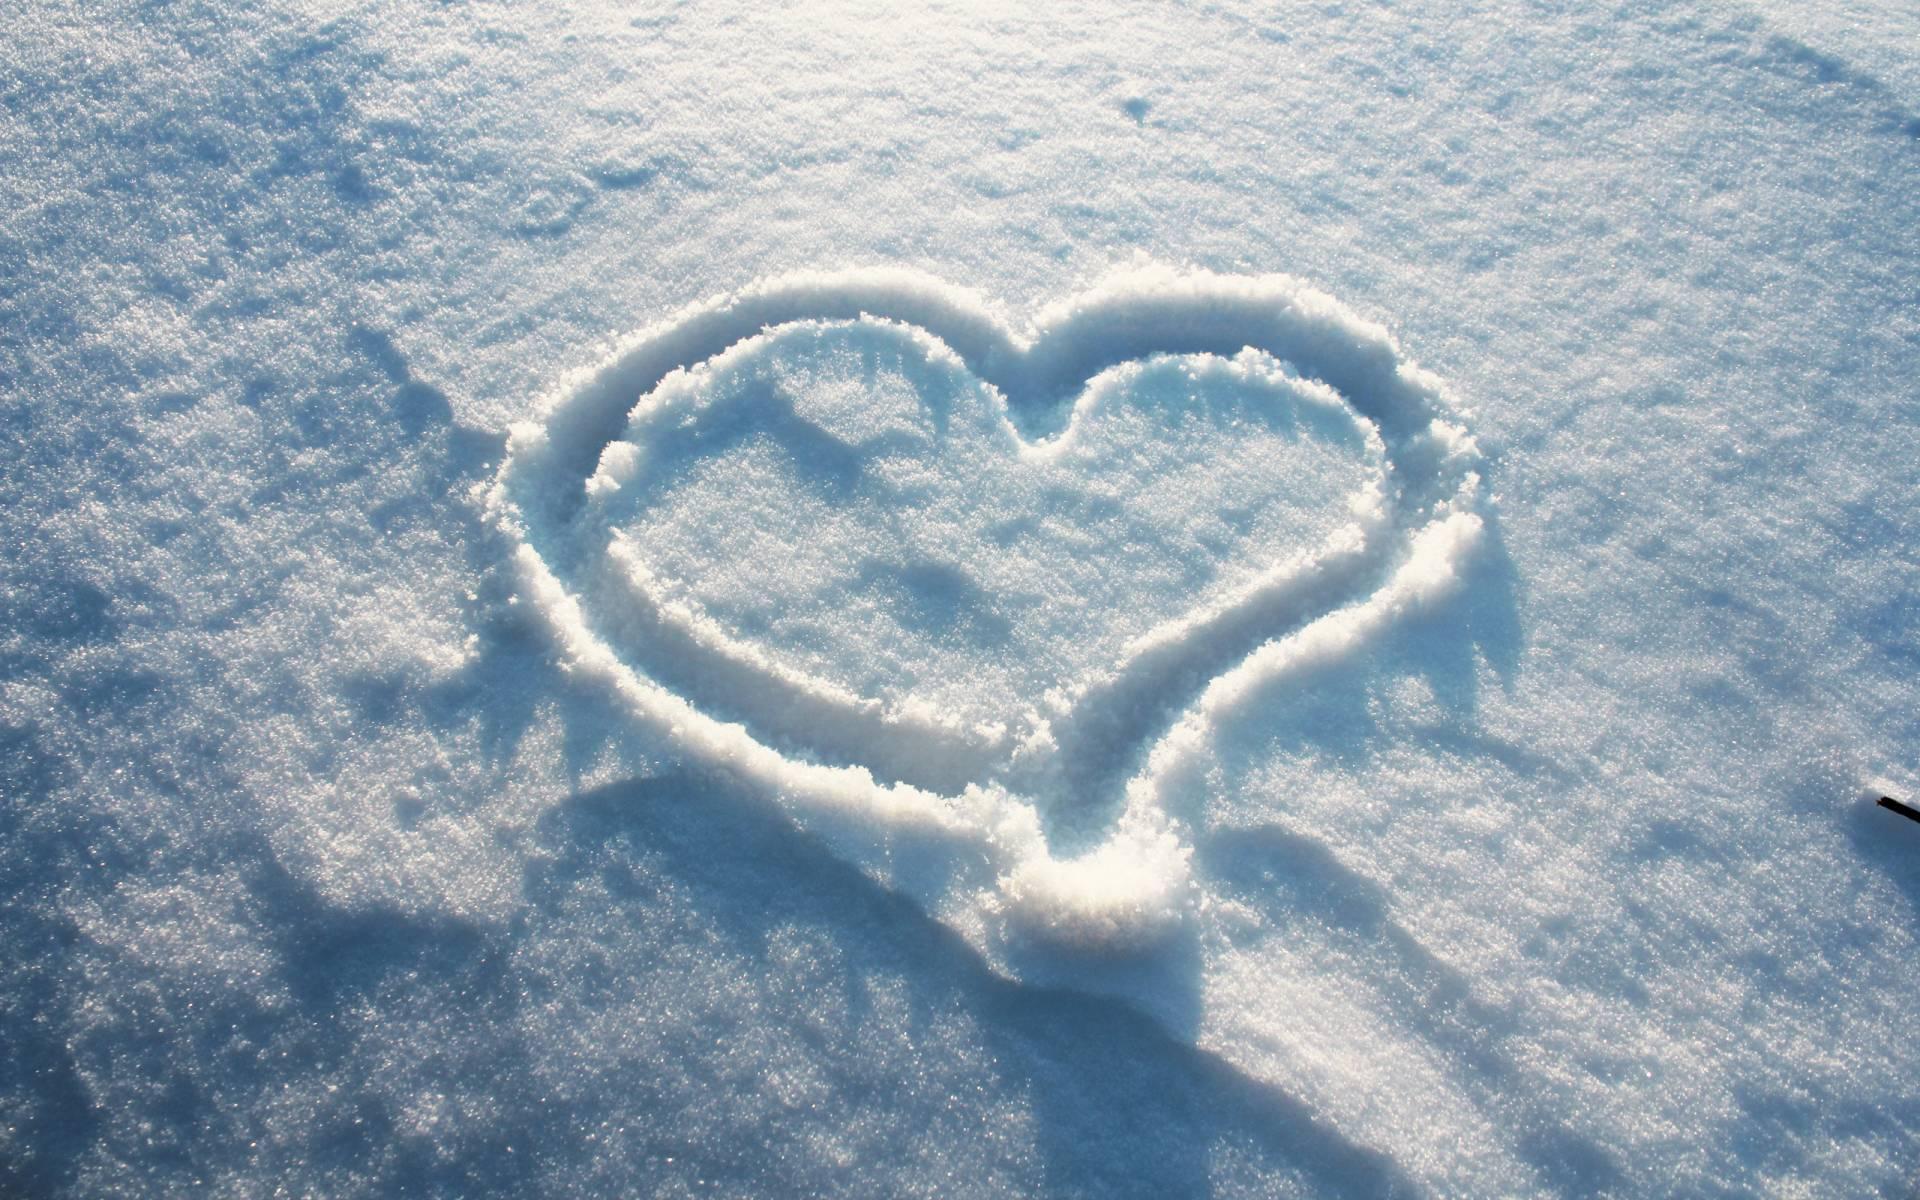 Kış Mevsiminin Aşık Olmak Için En Mükemmel Mevsim Olduğuna Dair 17